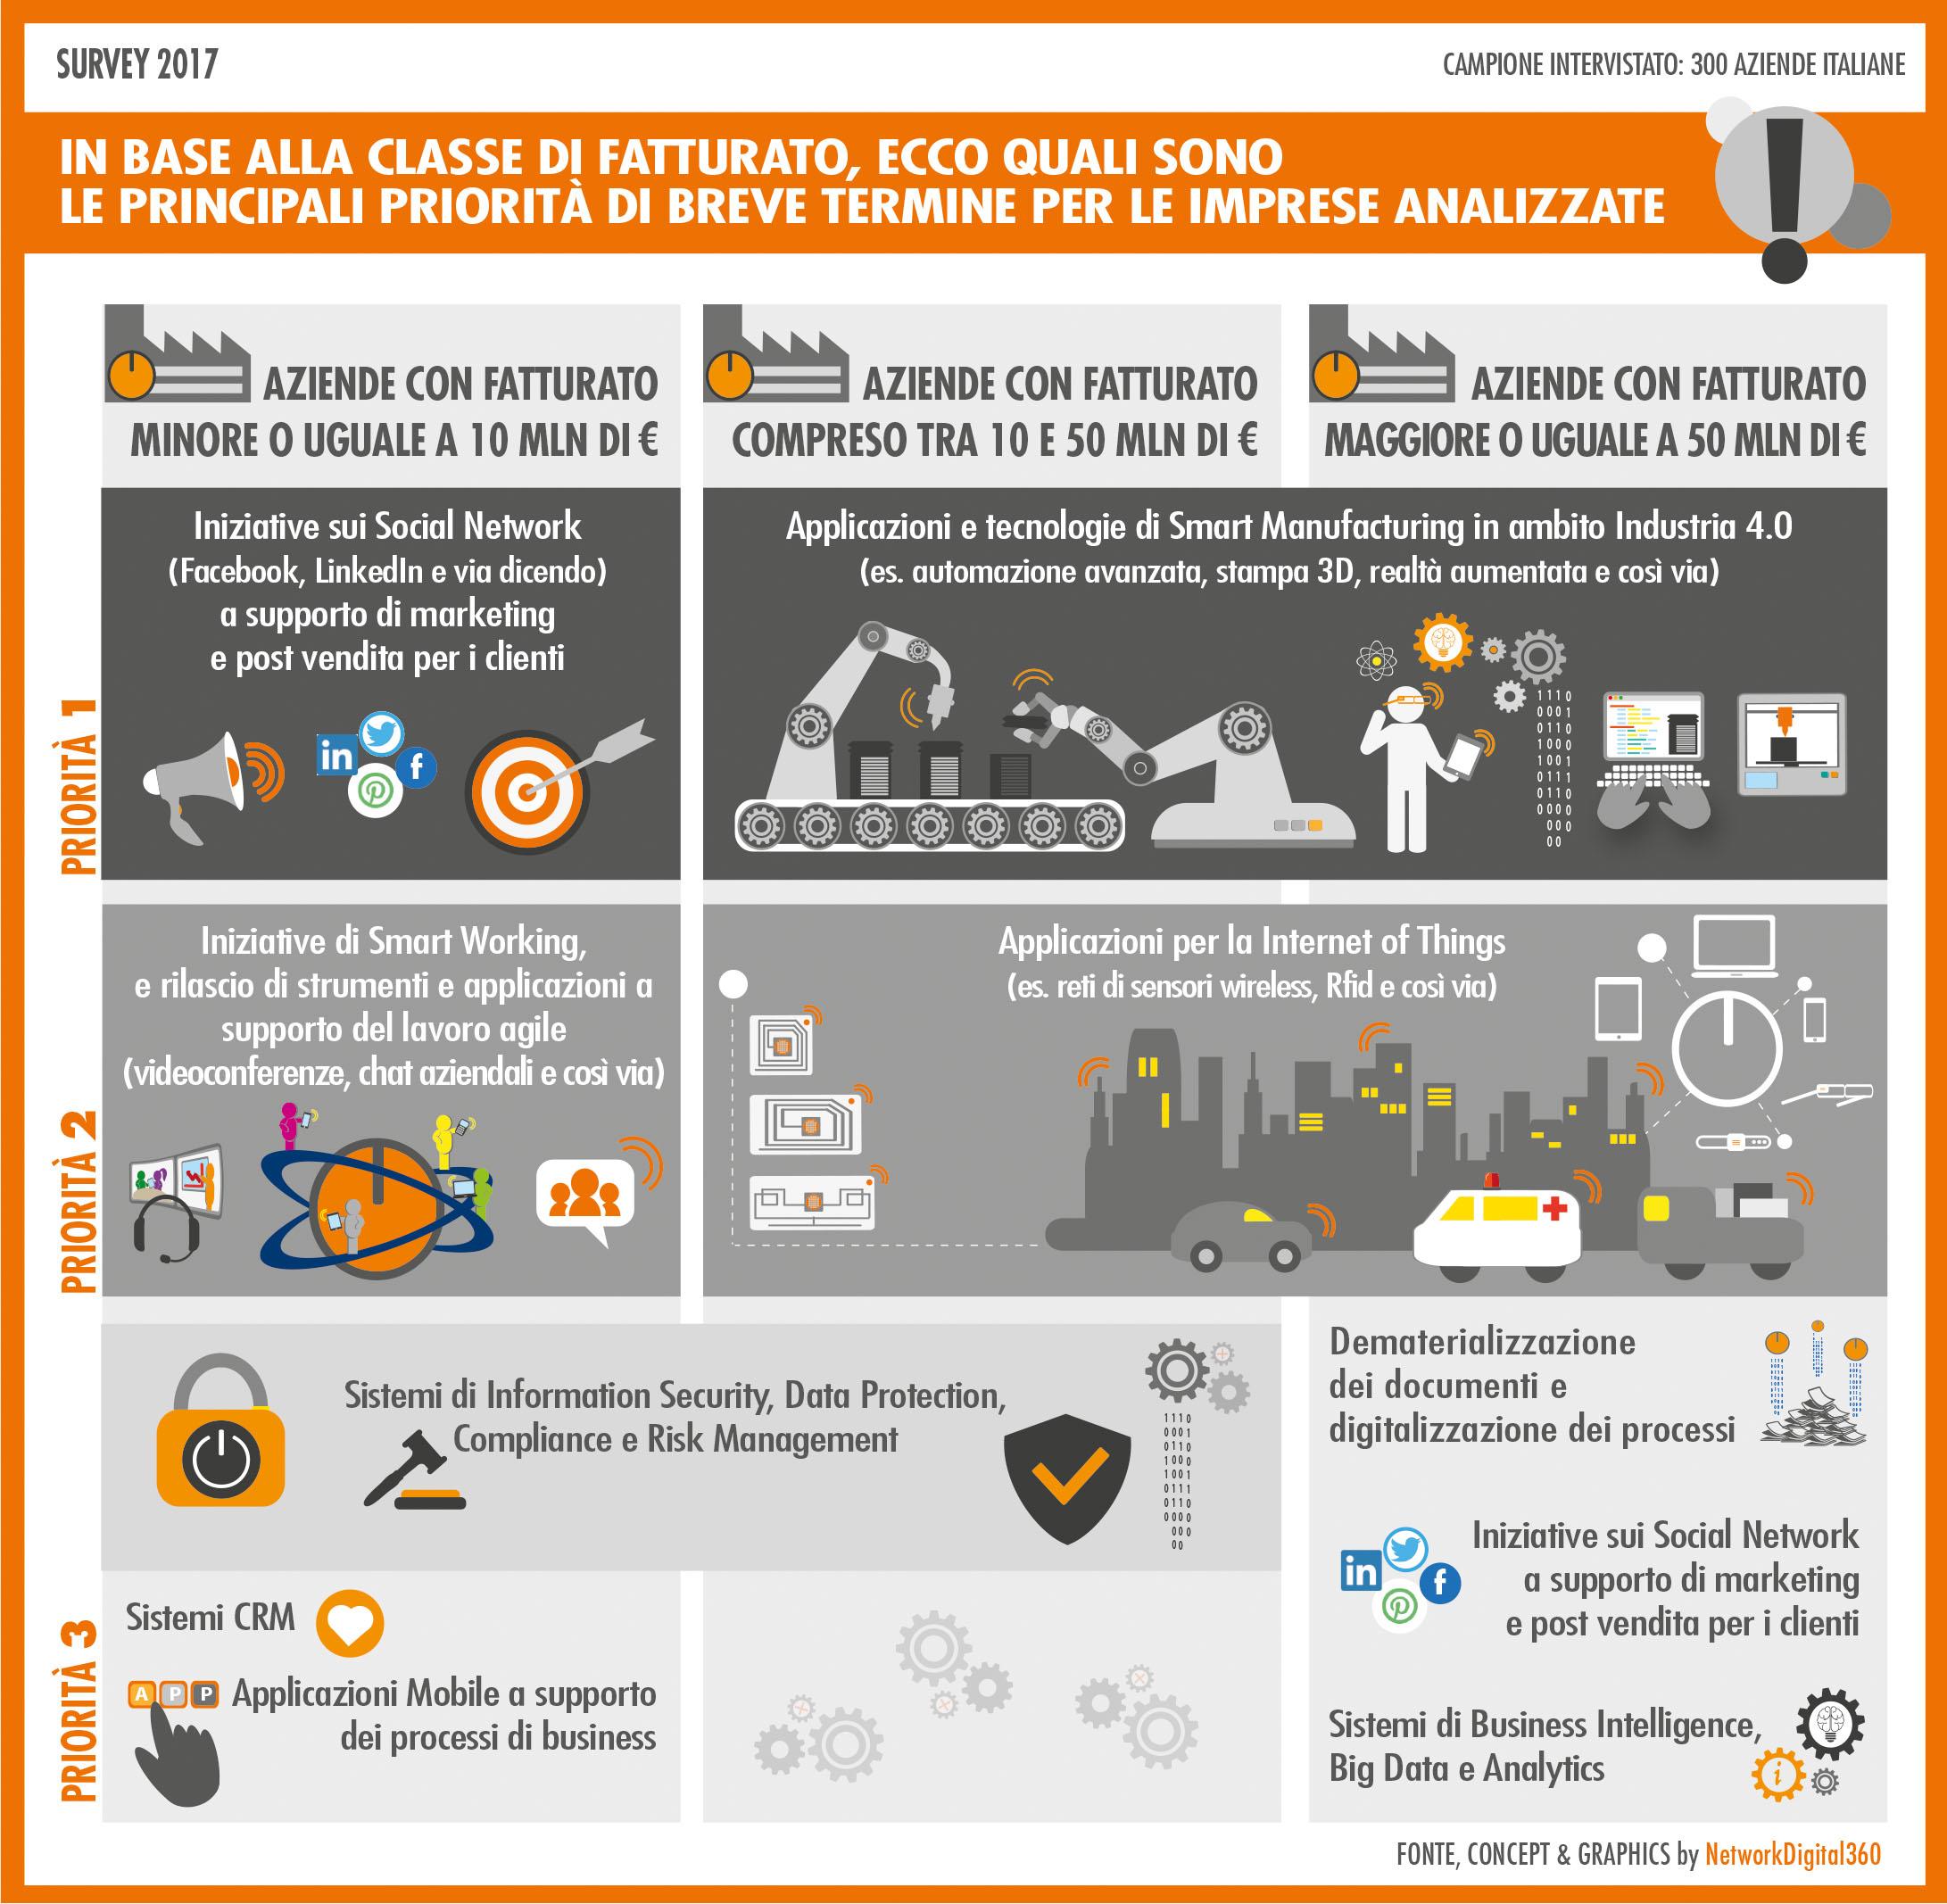 Priorità di investimento in tecnologia delle PMI